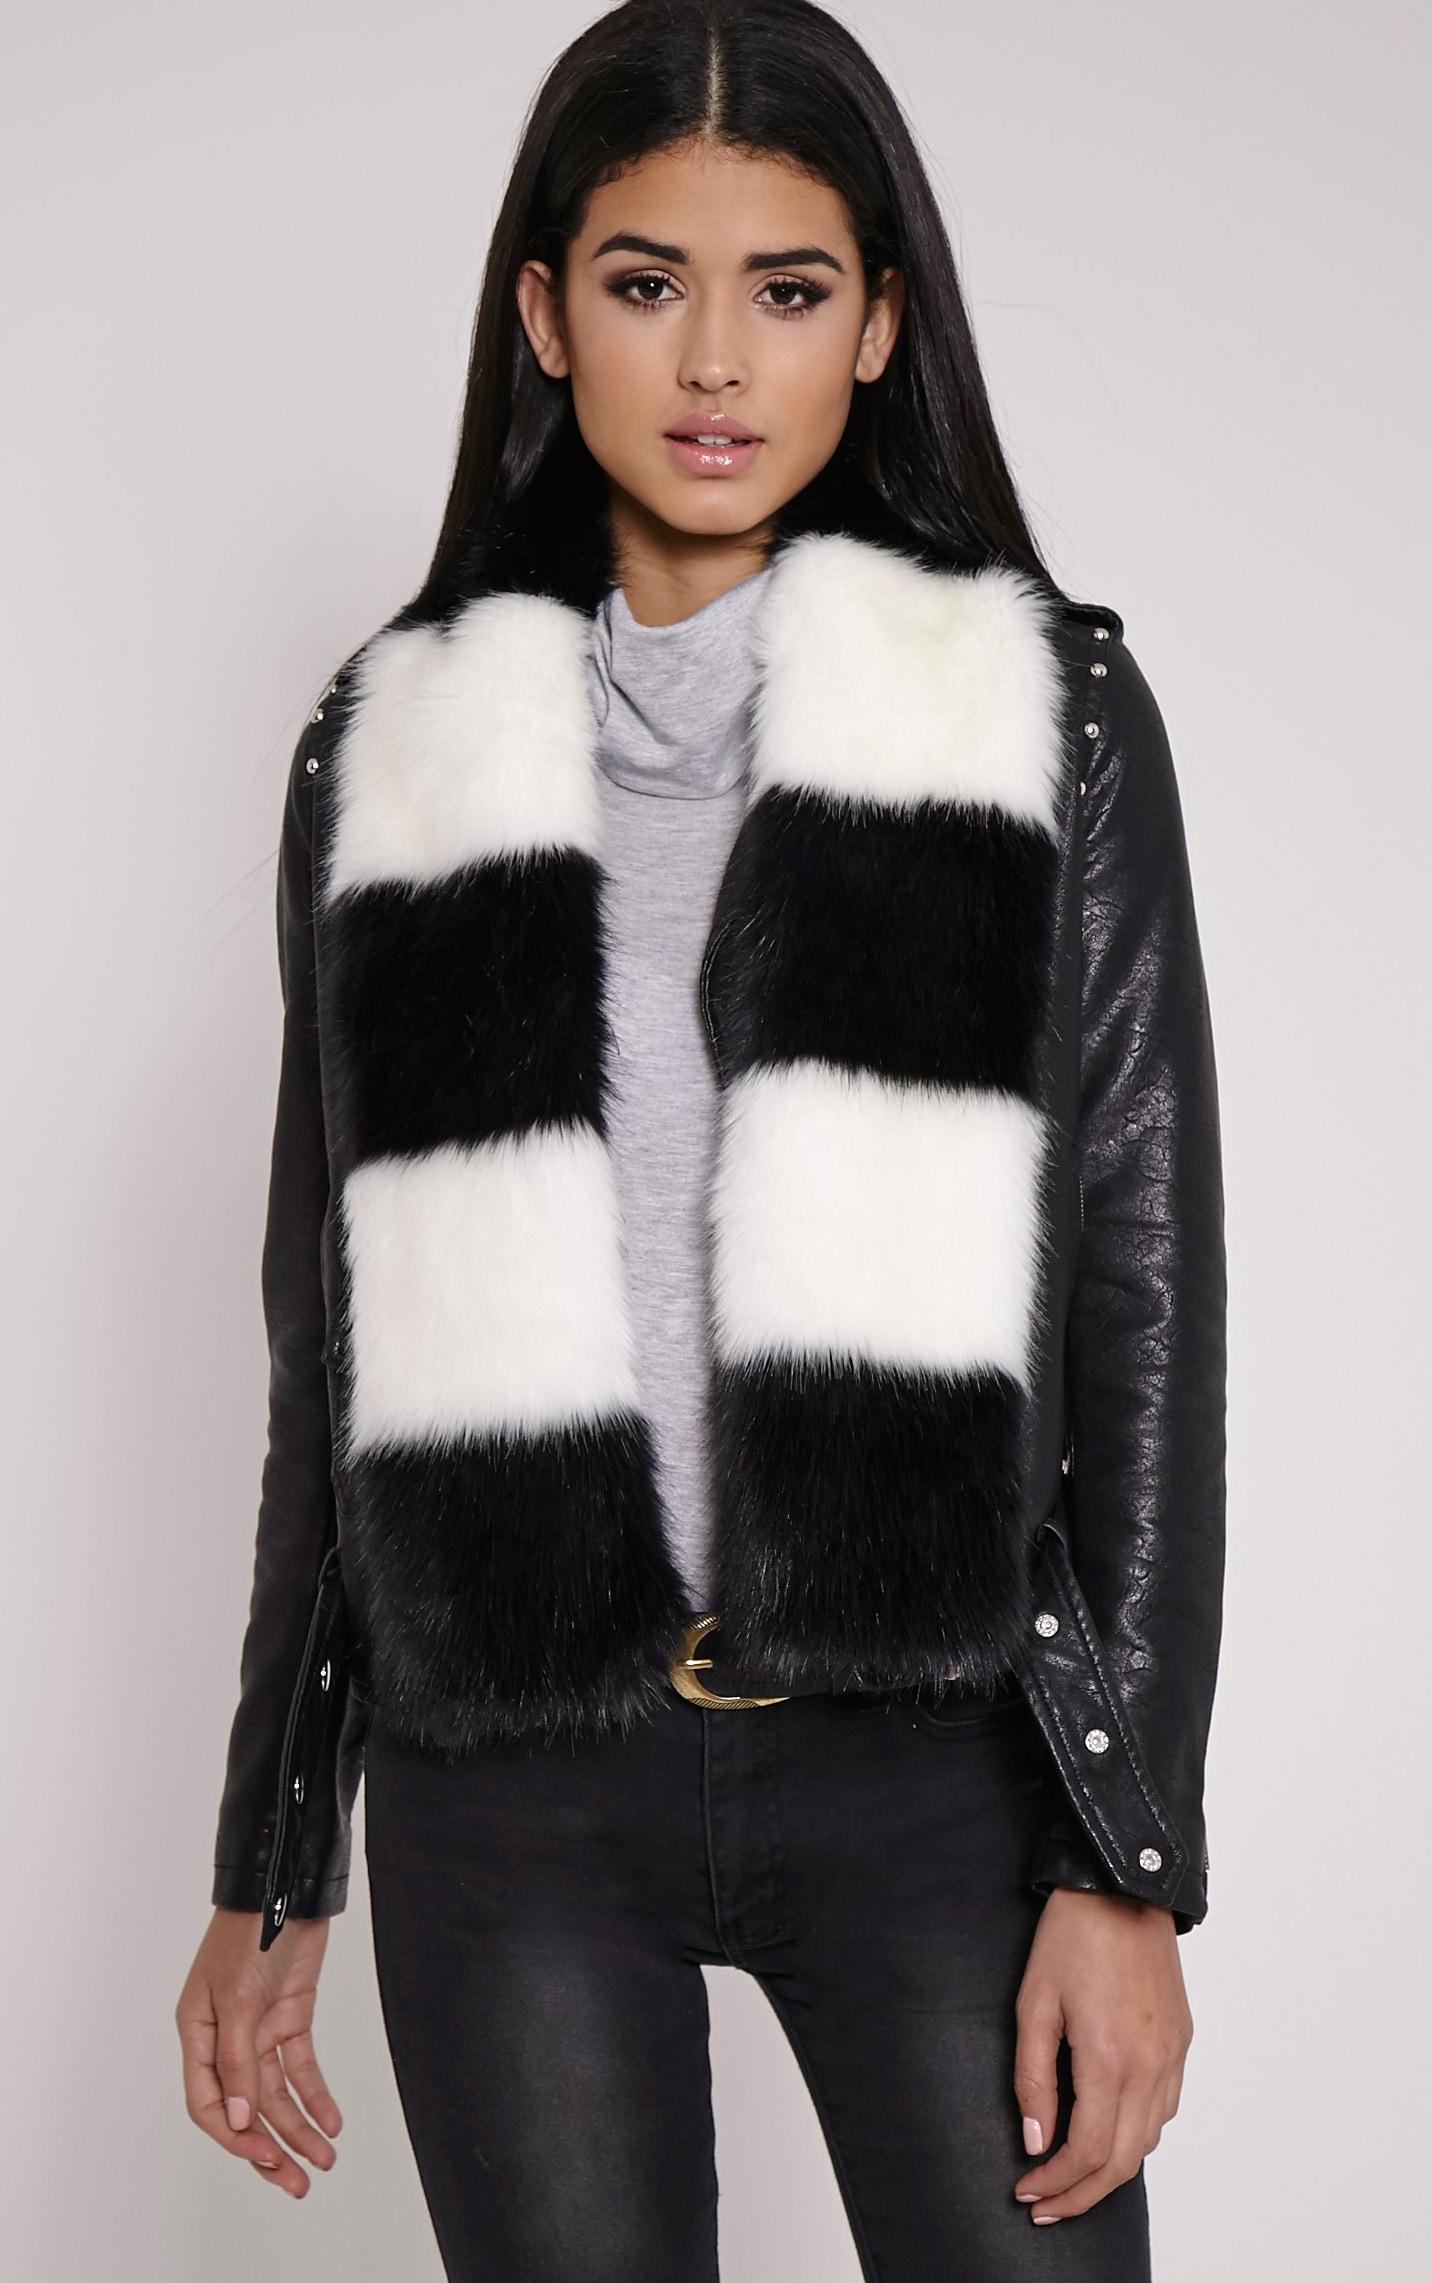 Toni Monochrome Striped Faux Fur Scarf 1